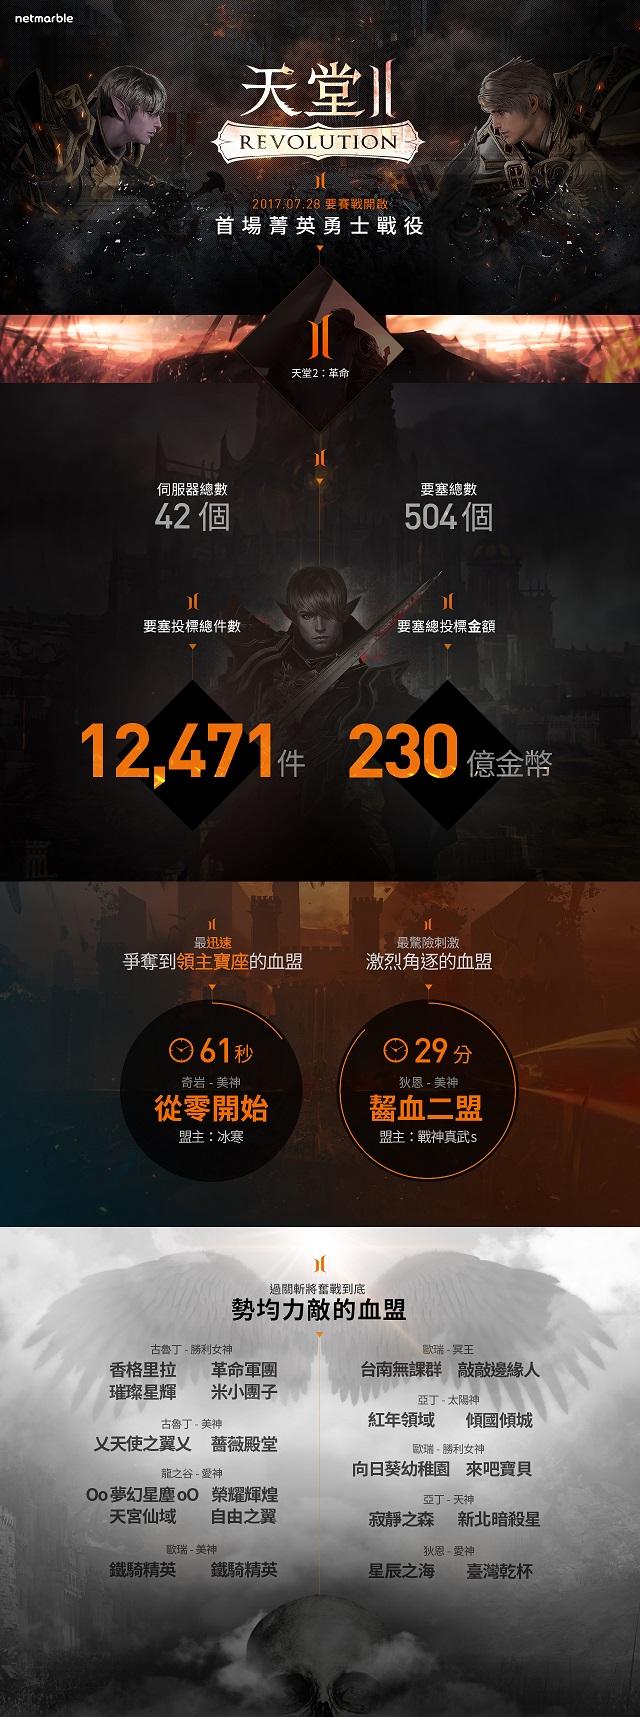 網石遊戲公開《天堂2:革命》首次要塞戰的數據資訊圖